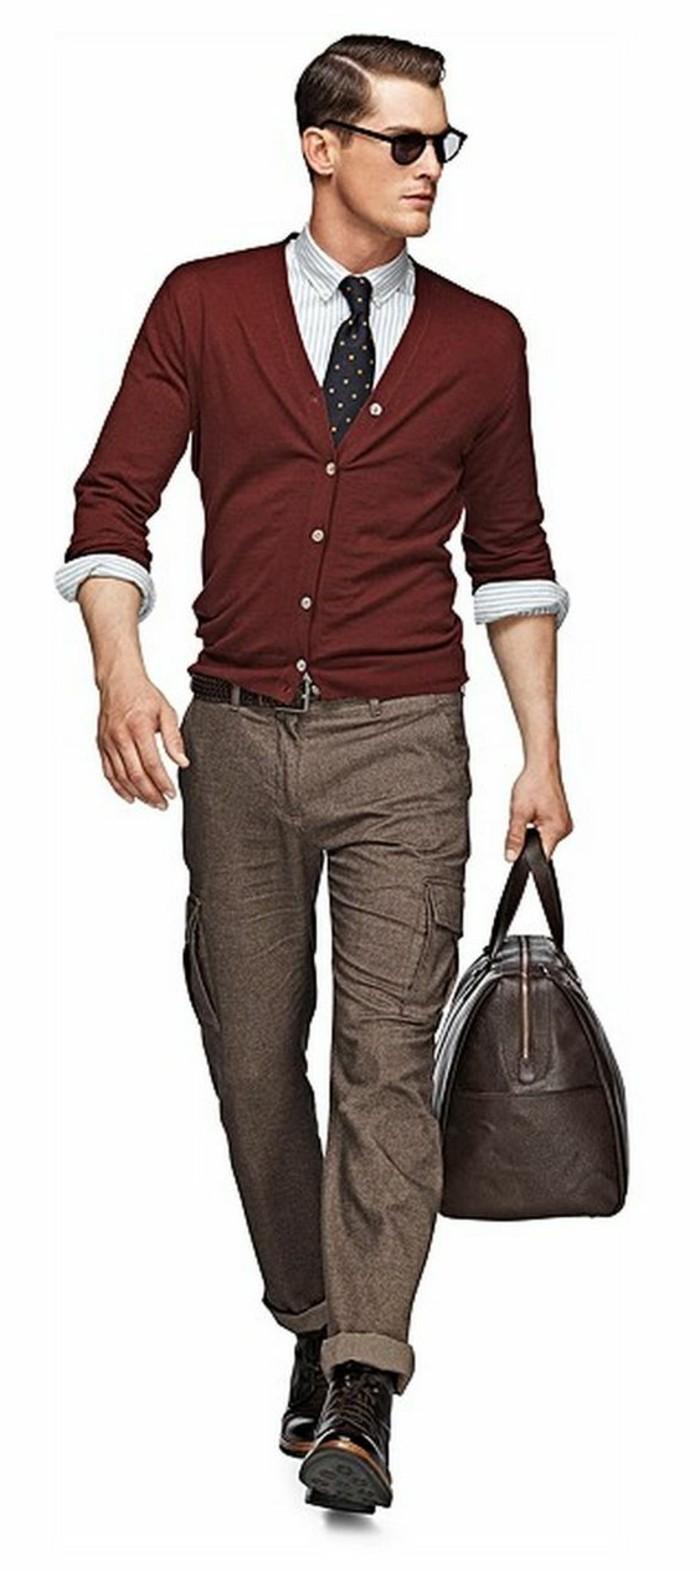 style-vestimentaire-homme-le-style-vestimentaire-tenue-décontractée